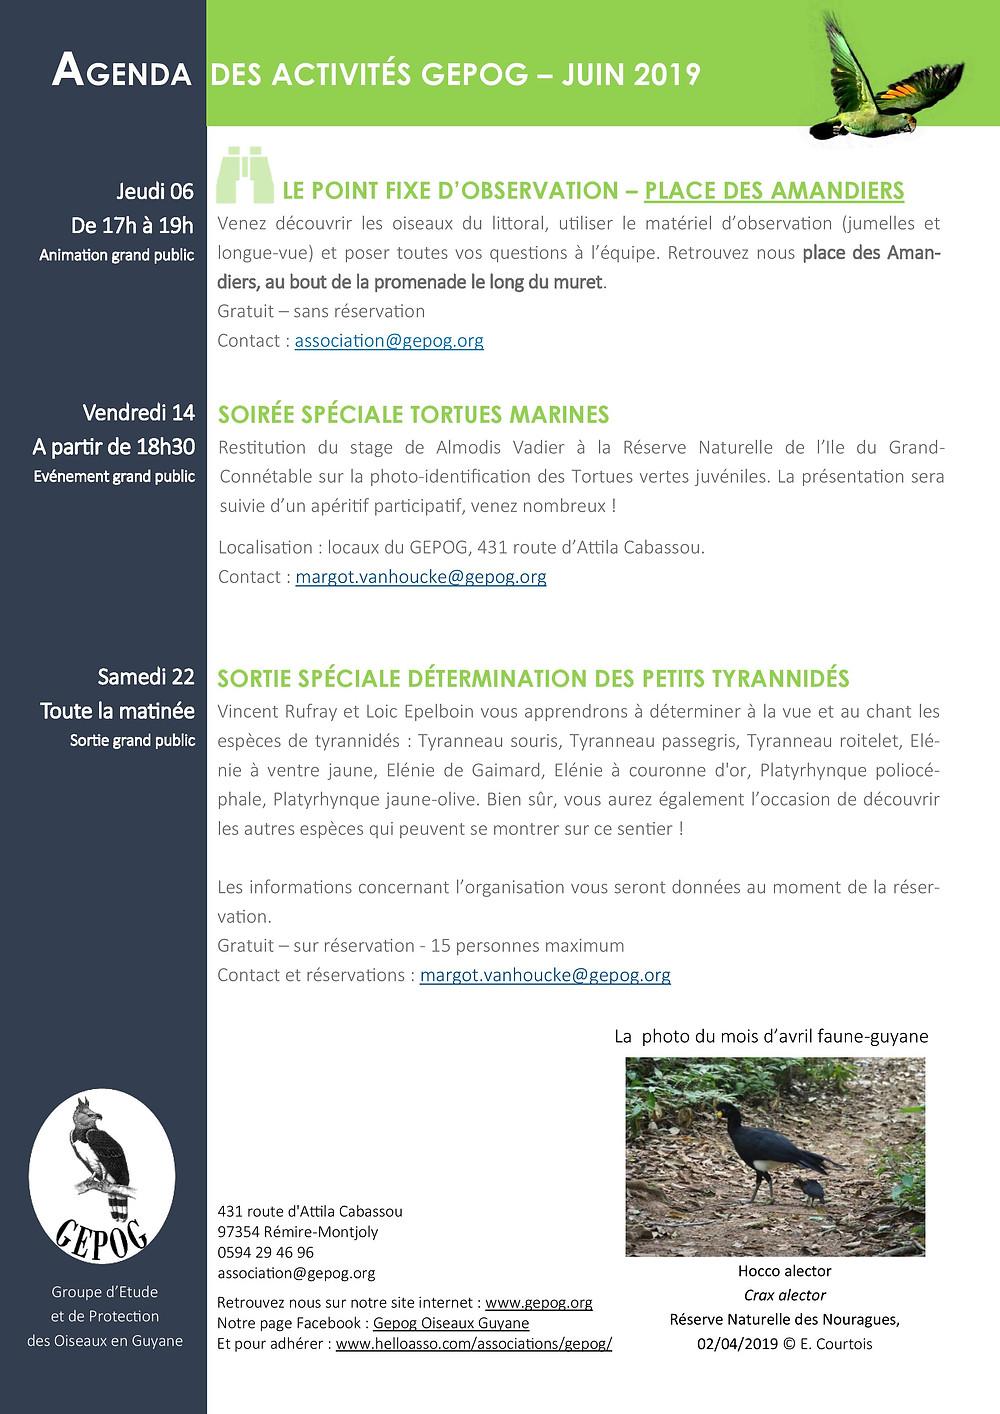 Agenda des activités GEPOG - Juin 2019